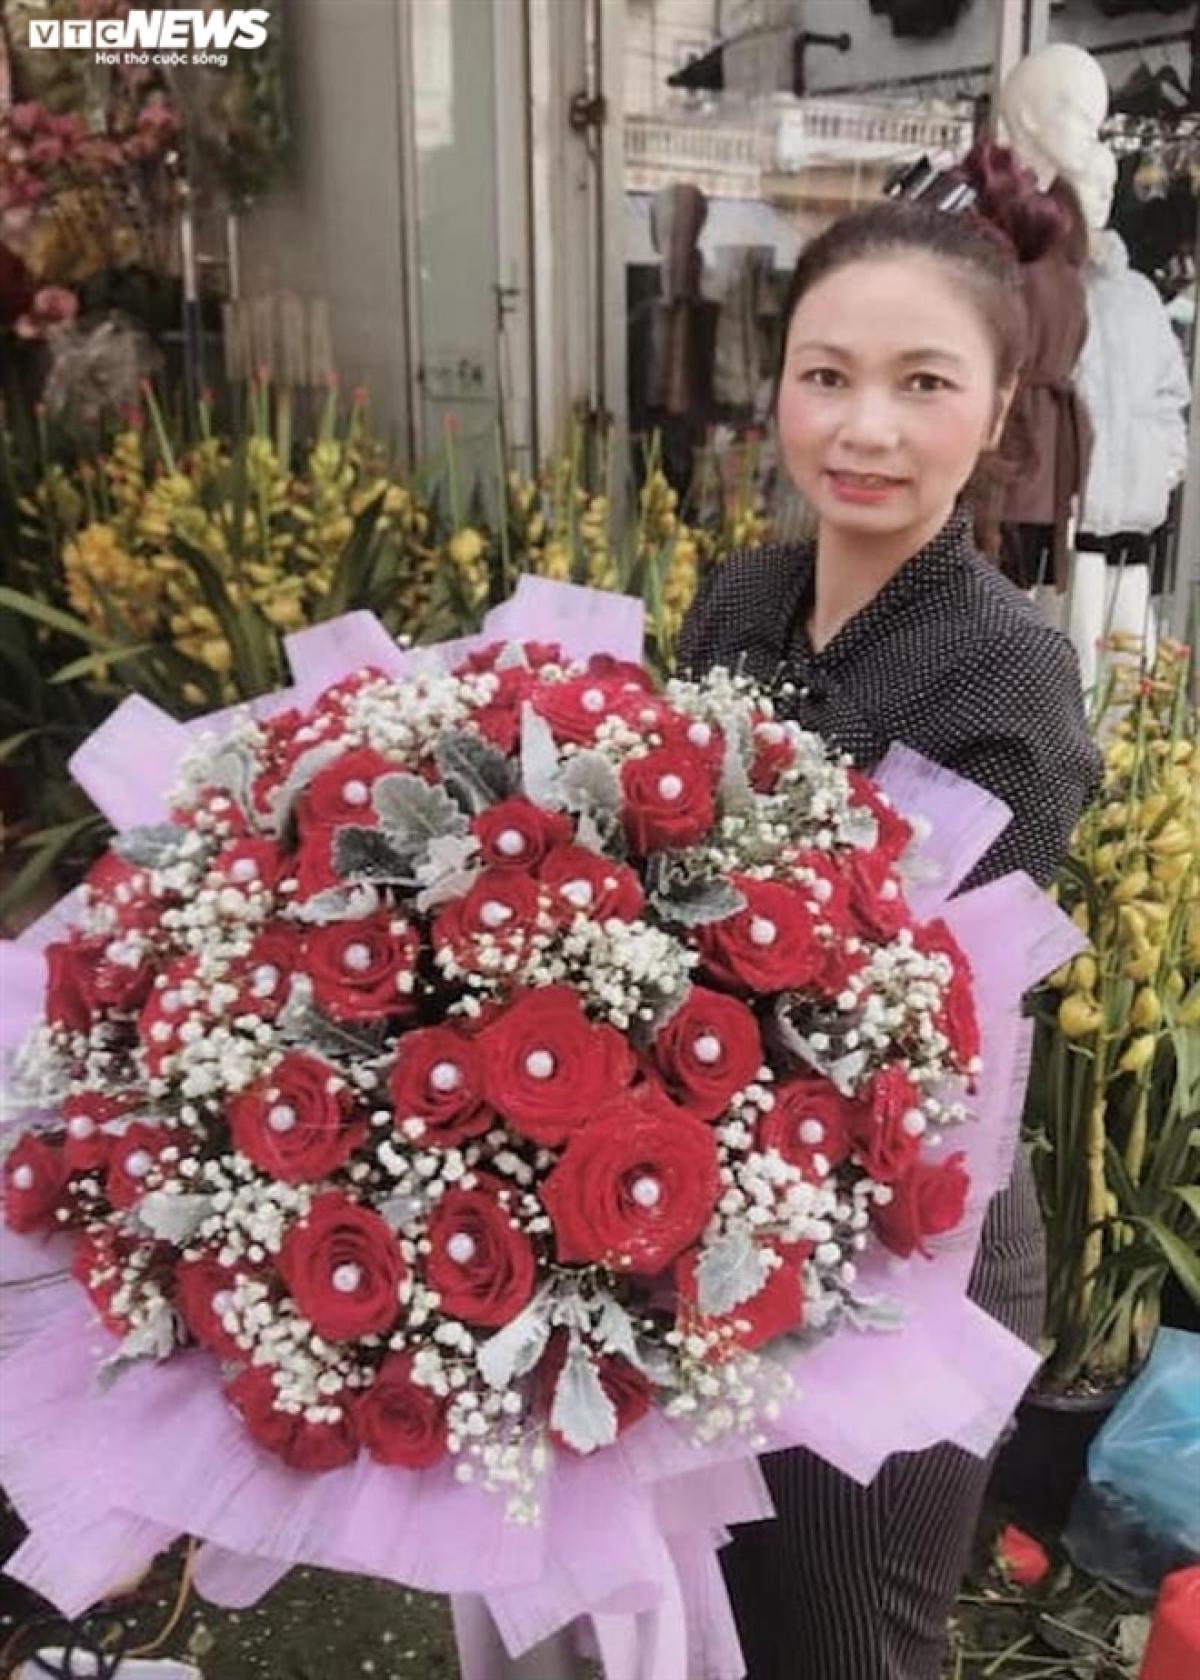 Chị Hà và bó hoa 8/3 chuẩn bị gửi cho khách.